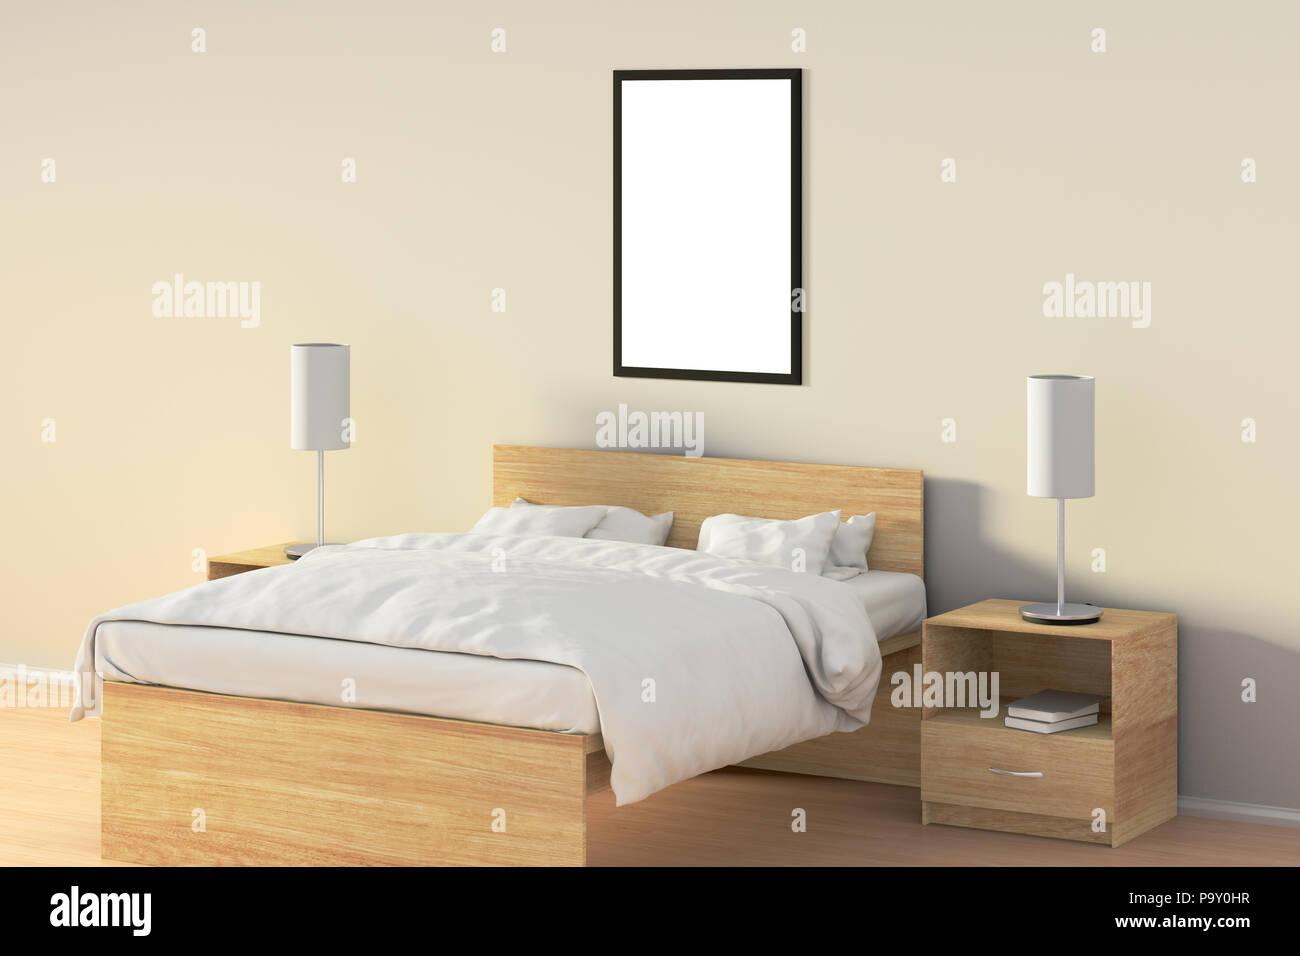 Leere vertikale Poster im Schlafzimmer über Holzbett. Mit ...